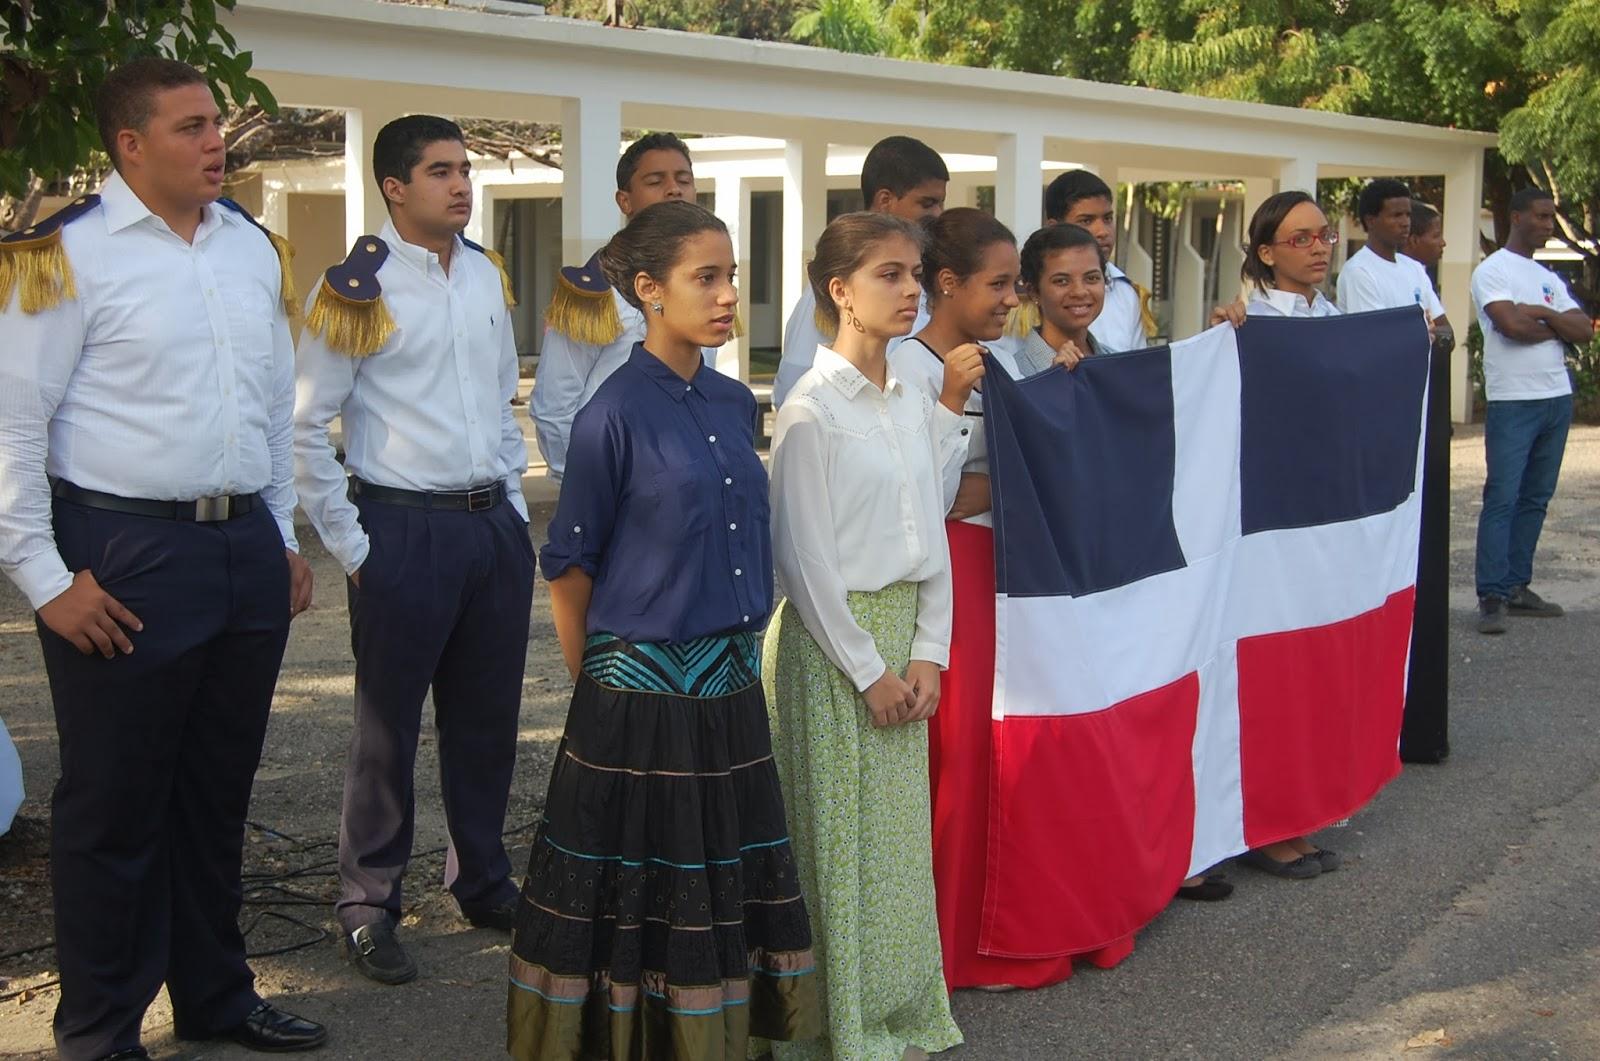 Colegio Santo Domingo celebra los 170 años de la Independencia Nacional